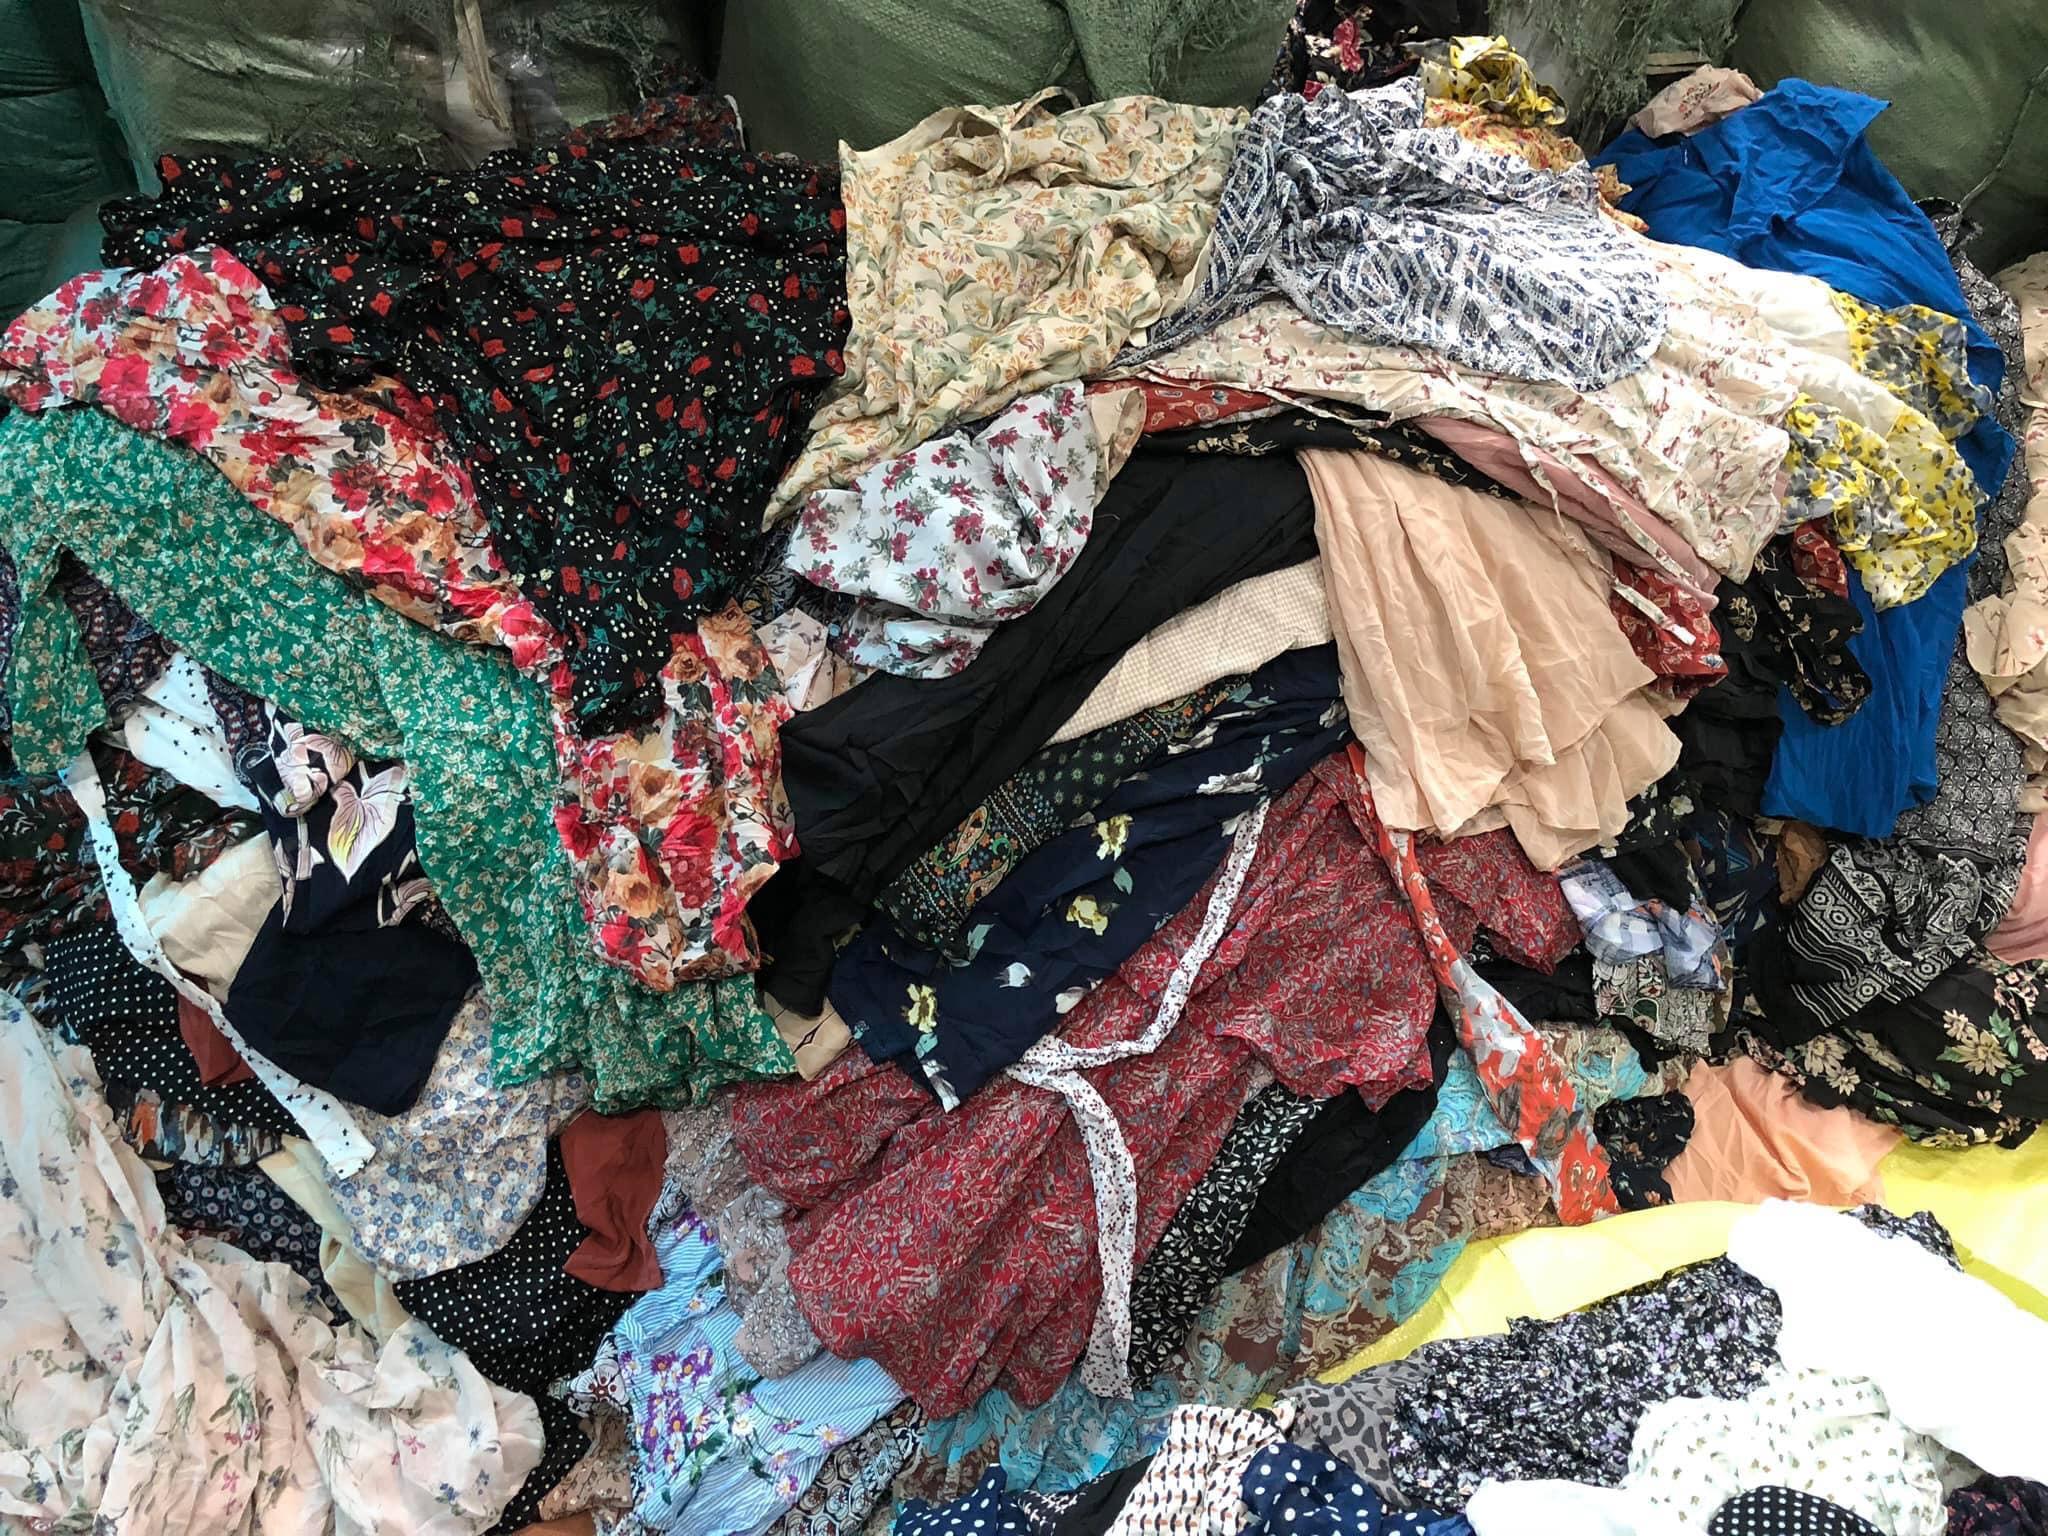 Kinh nghiệmnhập sỉ quần áo hàng thùnggiá rẻ, chất lượng và cực chất